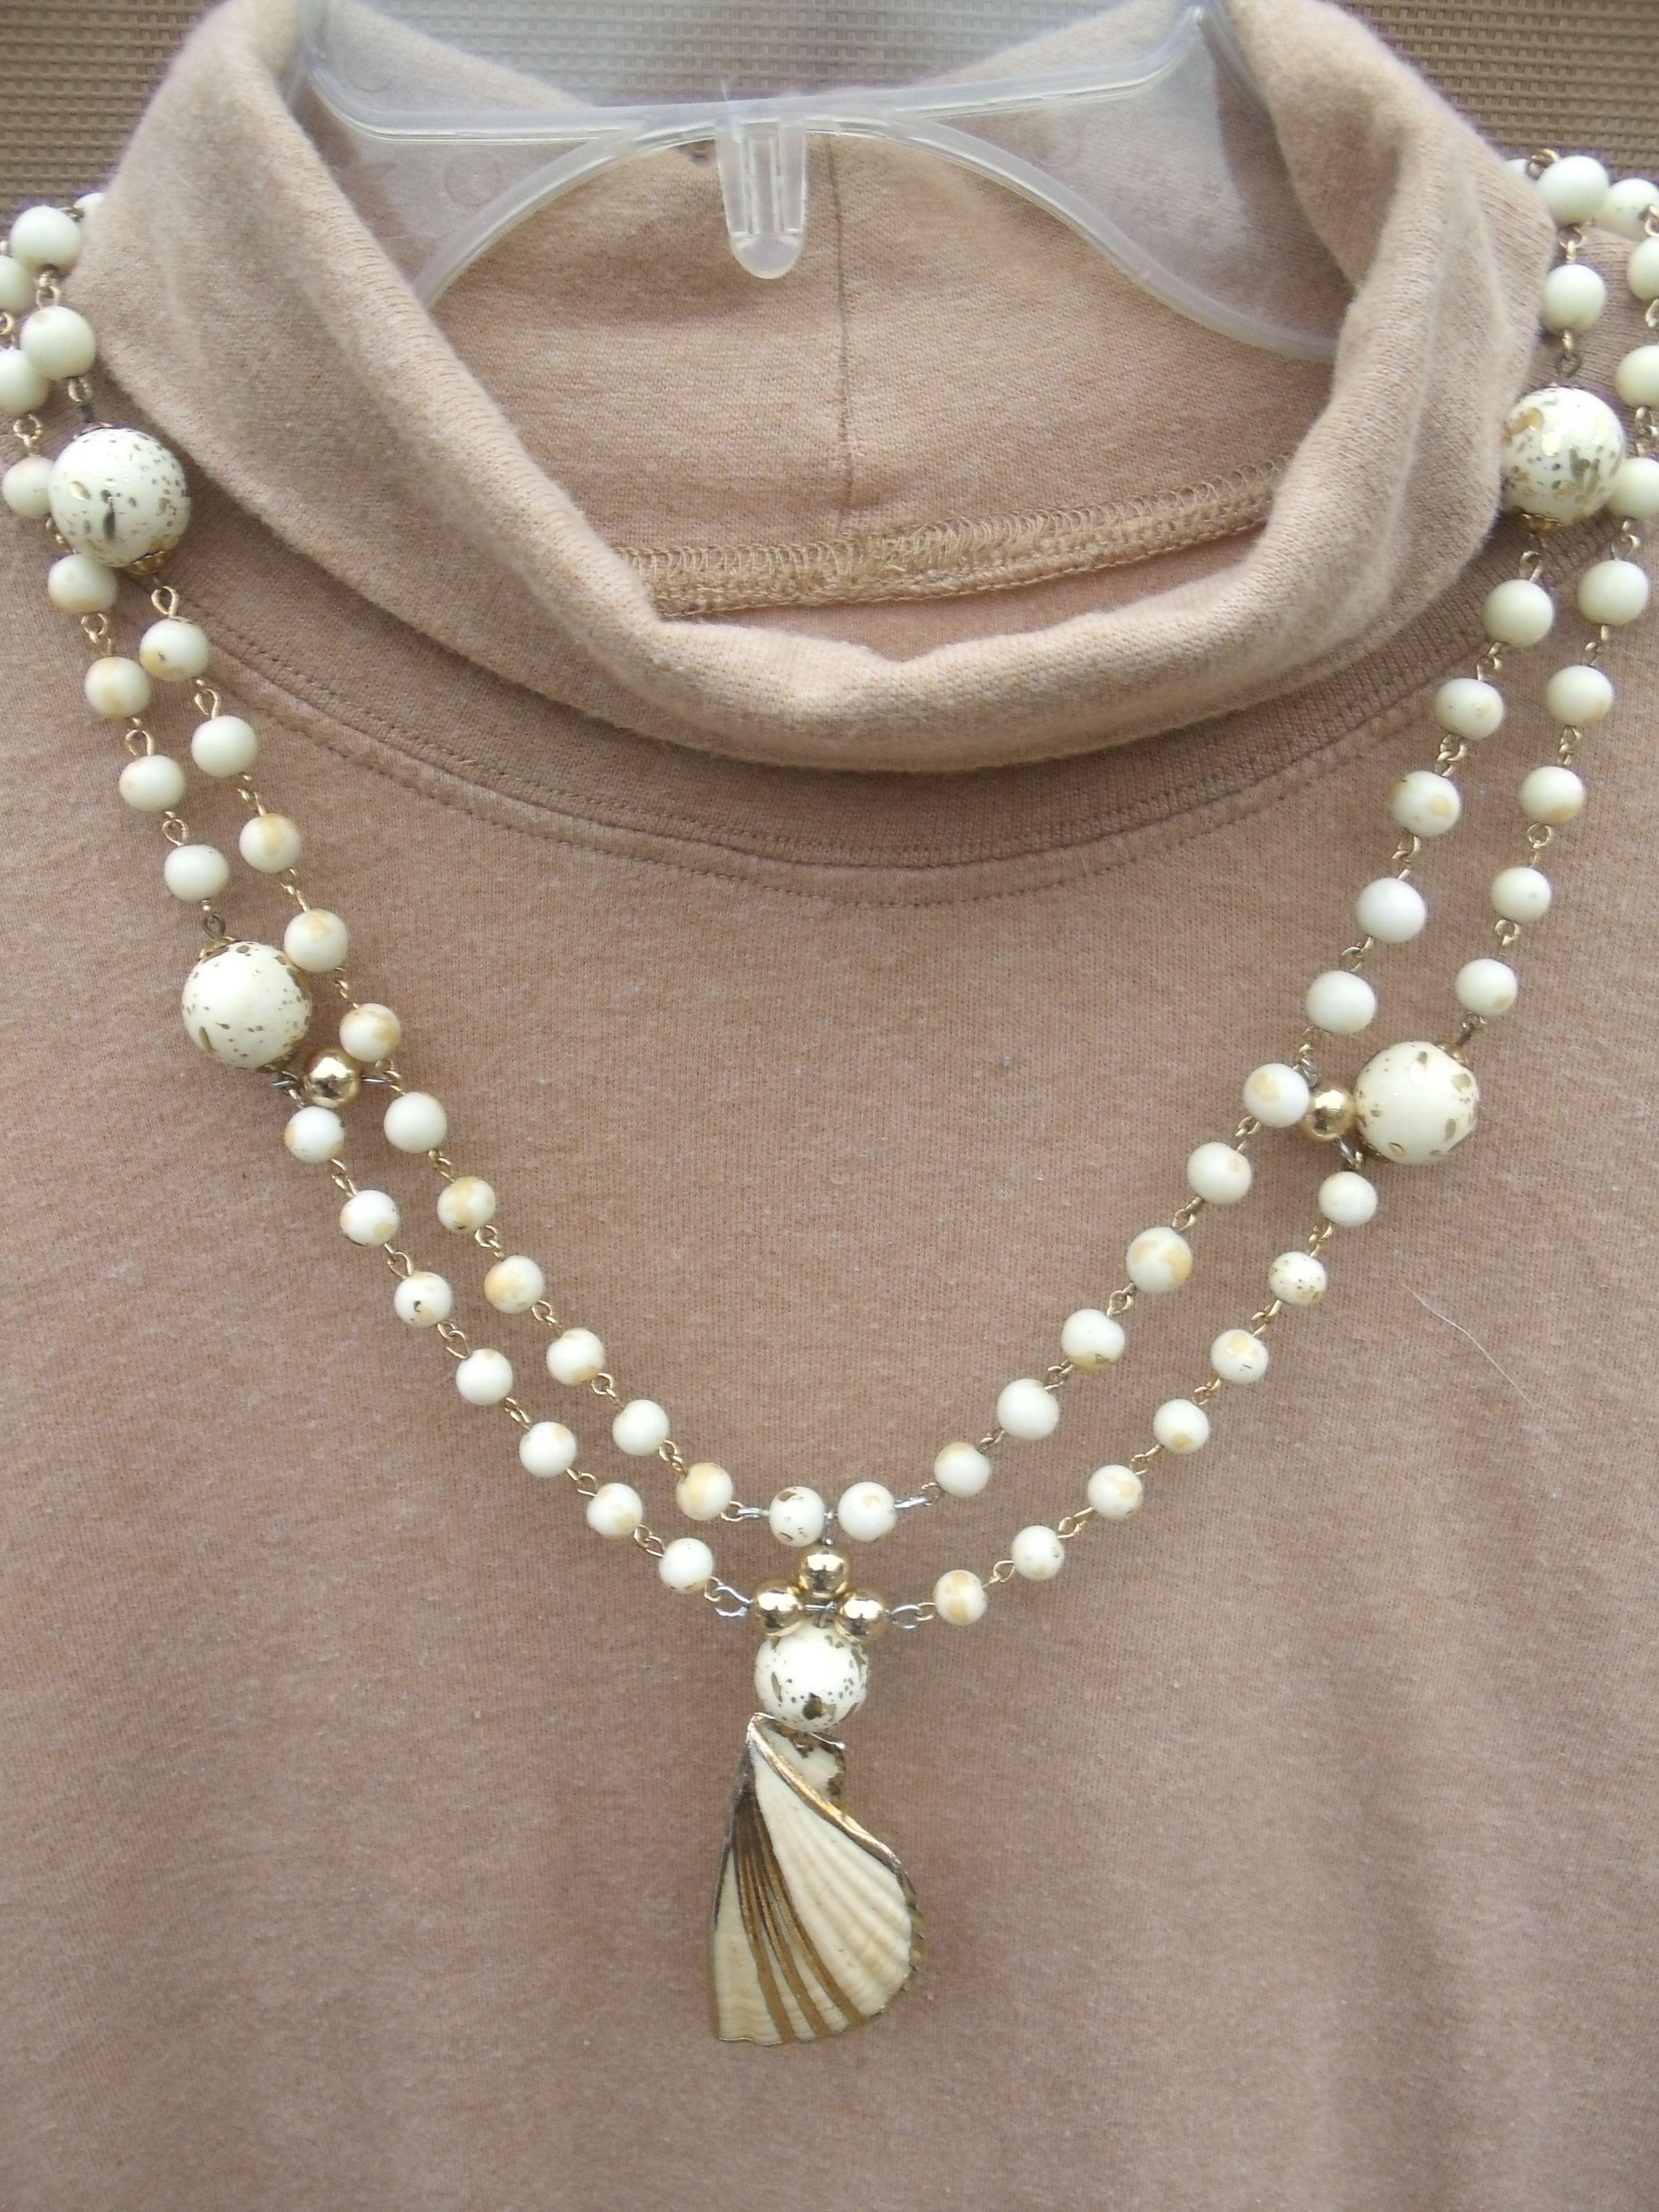 Double strand necklace $16.95  www.etsy.com/shop/meandjpsjewelry